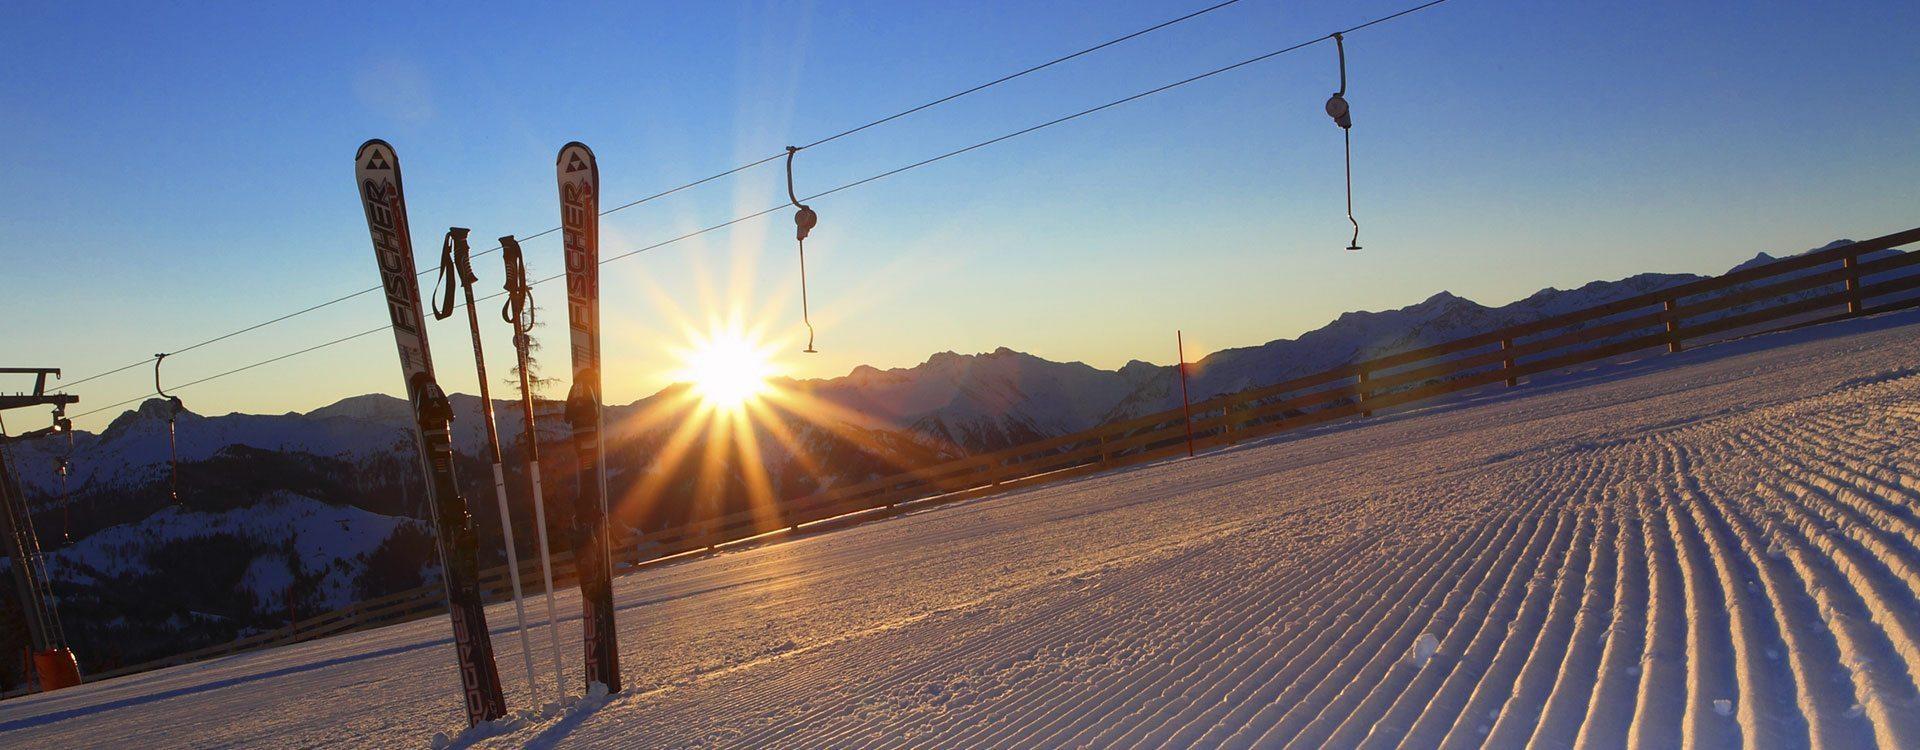 Skiurlaub im 4 Sterne Hotel Alpenklang in Großarl, Großarltal, Salzburger Land - Skifahren & Snowboarden